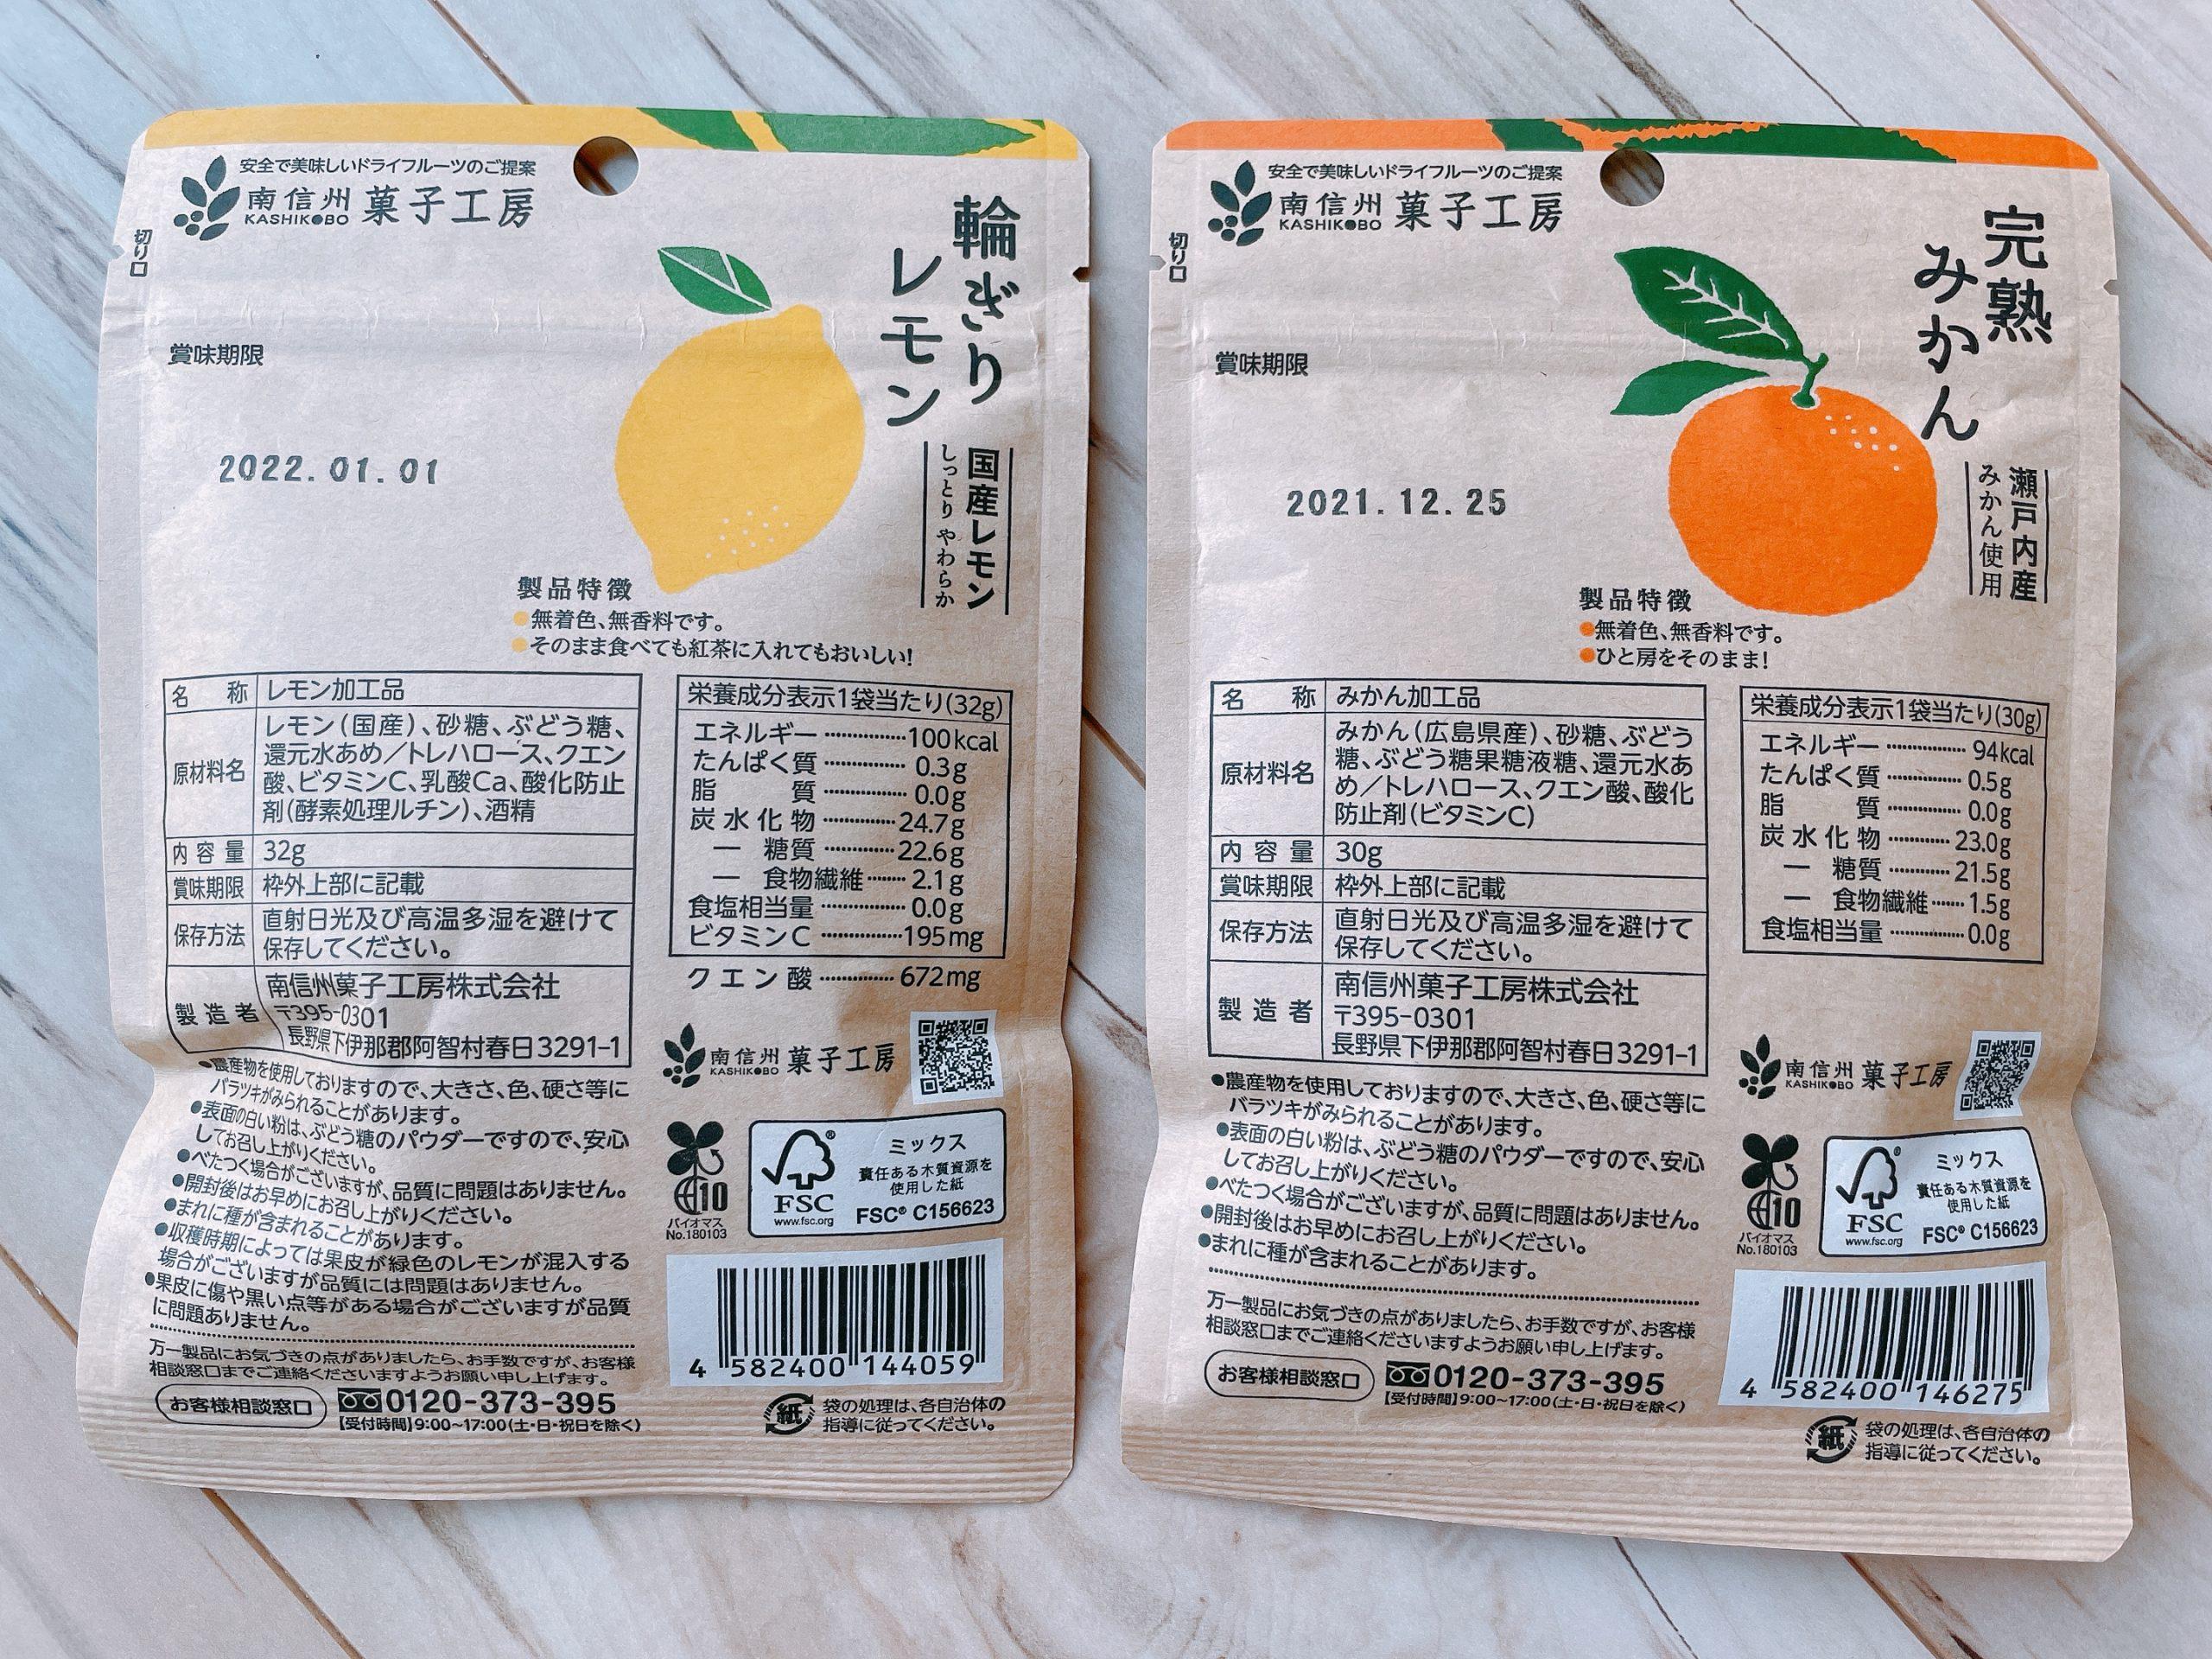 南信州菓子工房の輪切りレモンと完熟みかん原材料やカロリーなど